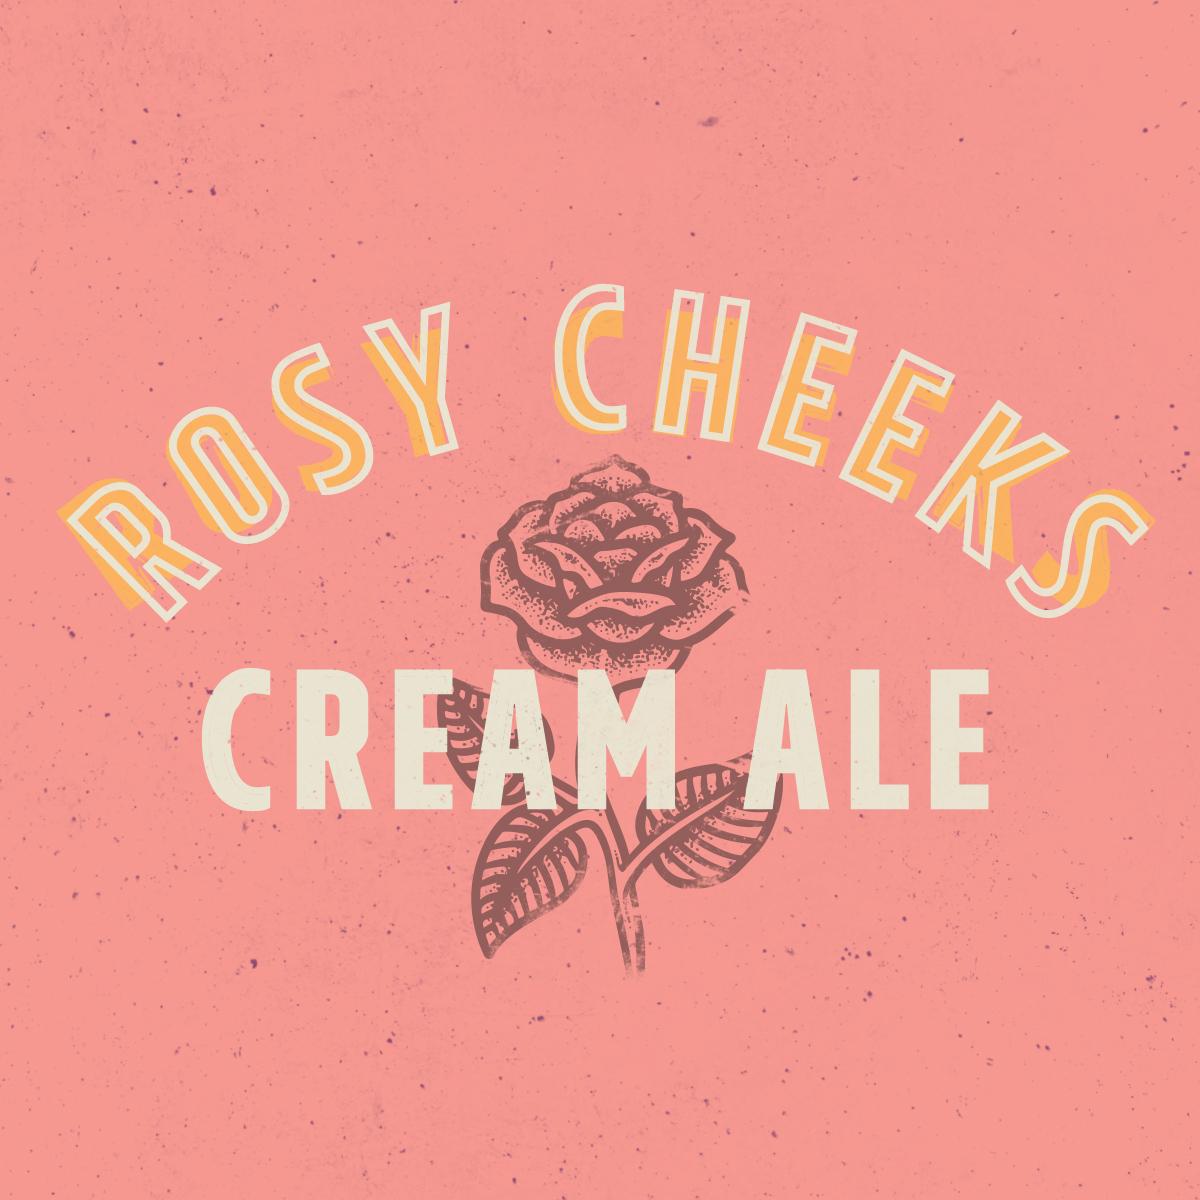 Rosy Cheeks Cream Ale